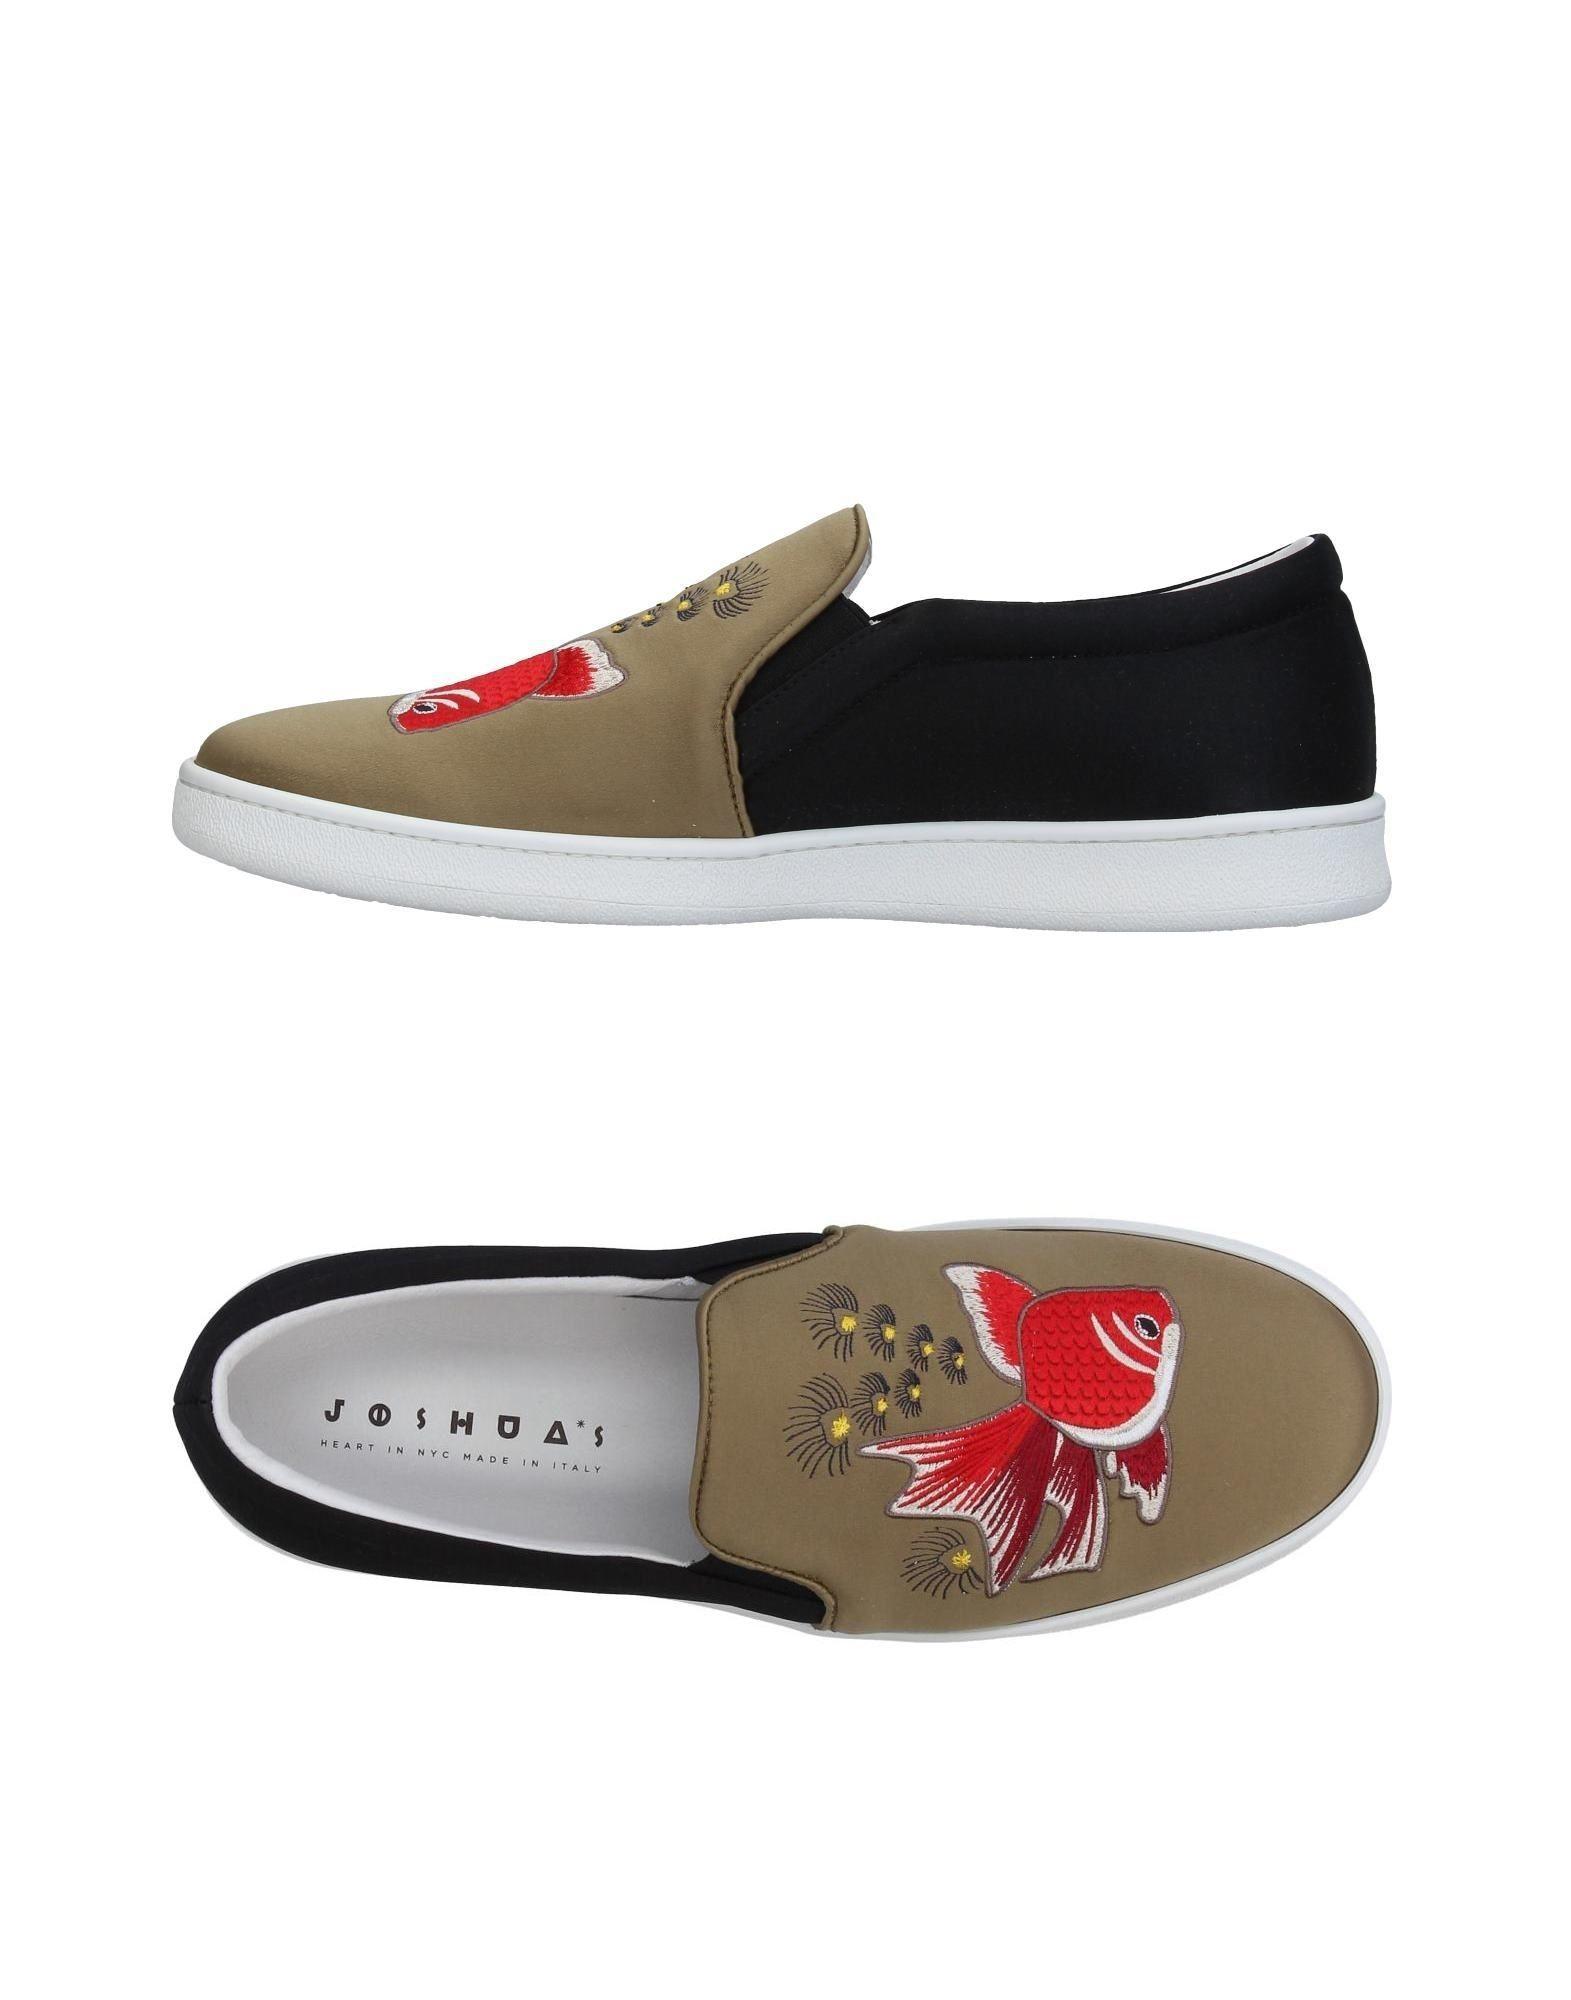 Rabatt echte Schuhe Joshua*S Sneakers Herren  11328859VO